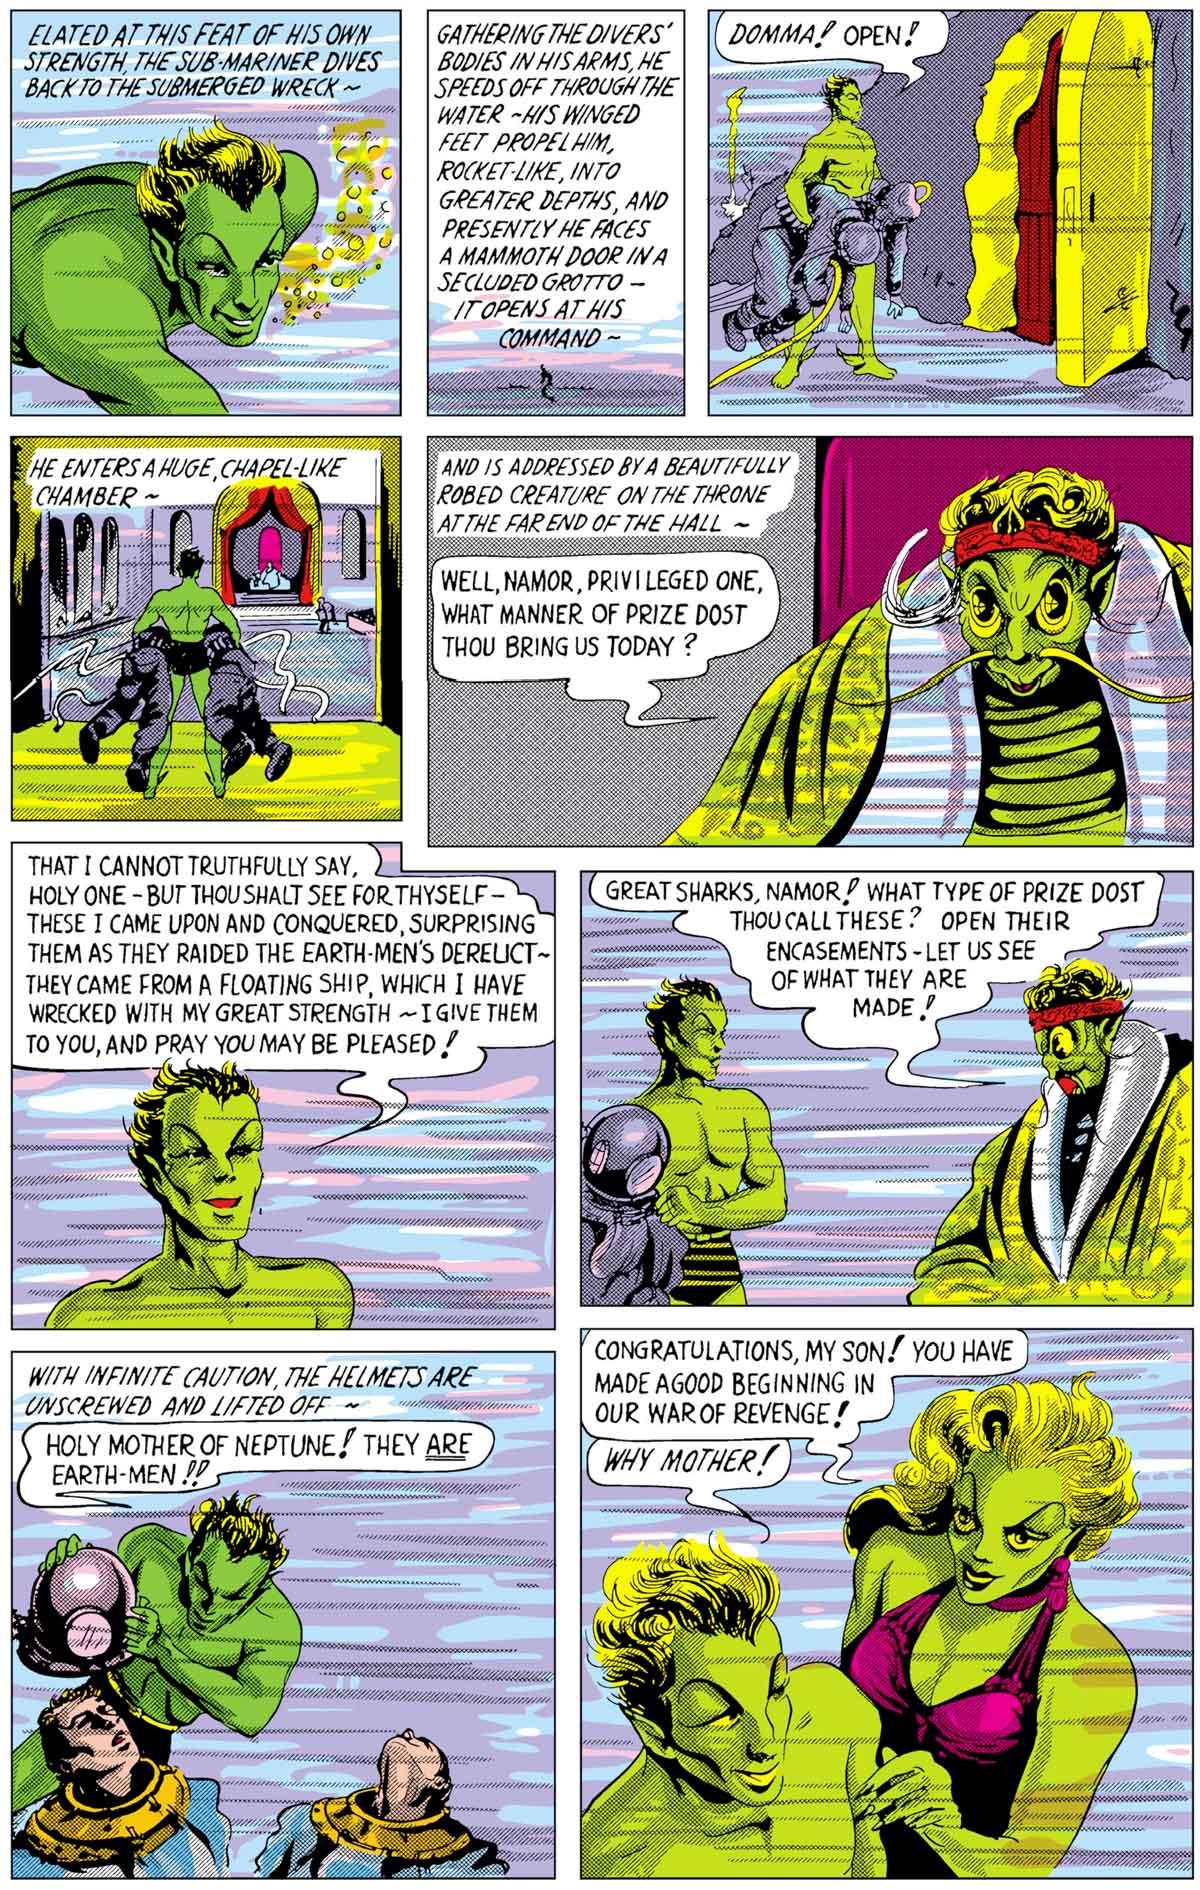 The Sub-Mariner from Marvel Comics #1 (Oct 1939) by Bill Everett